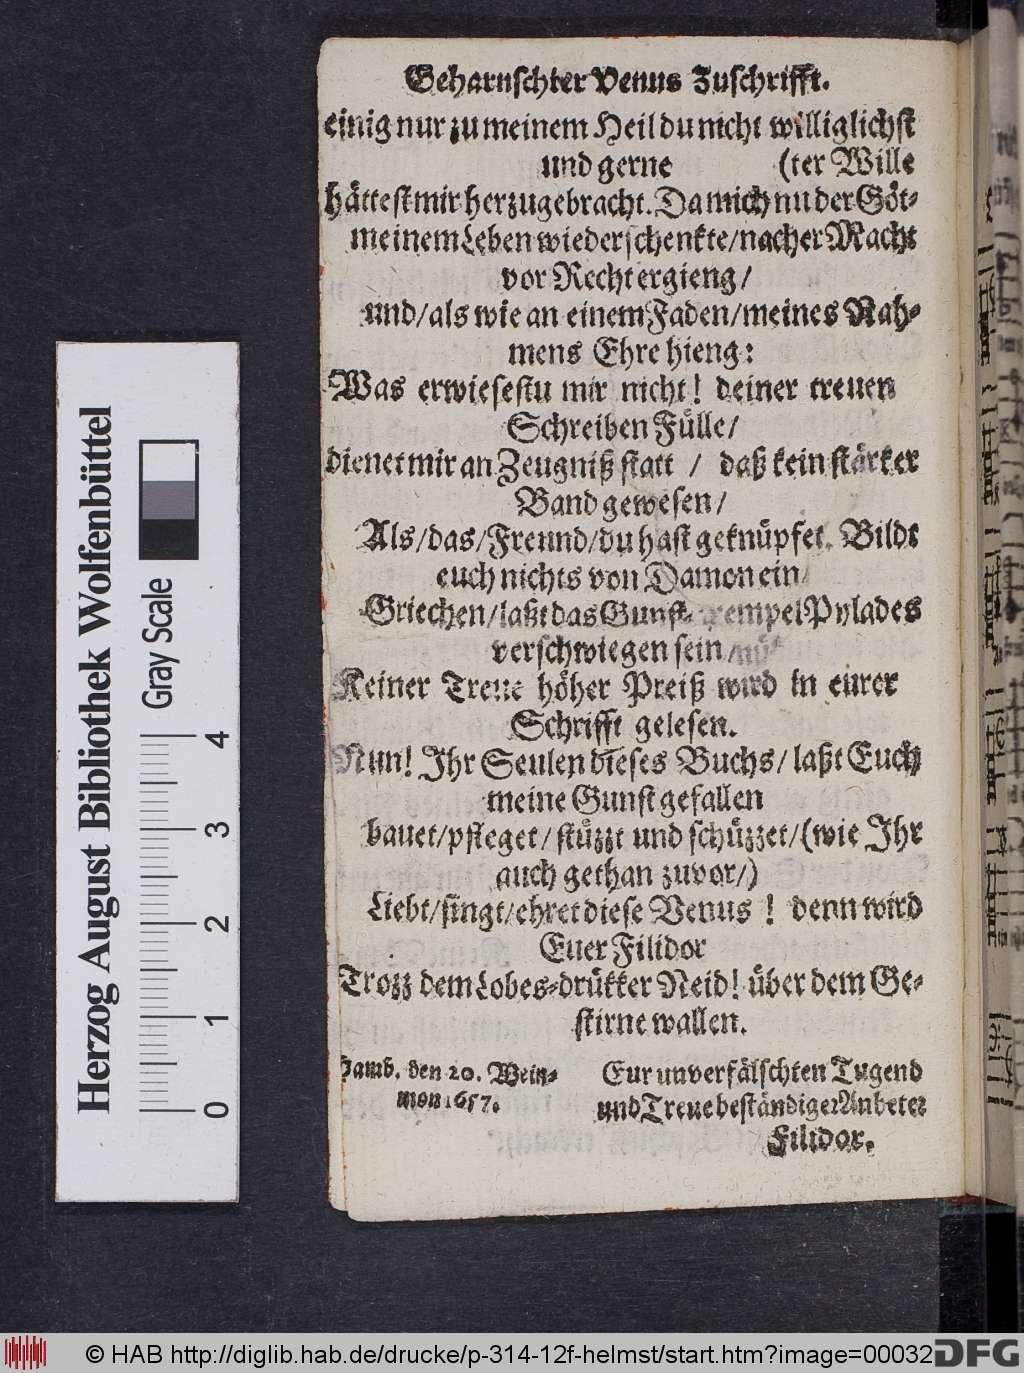 http://diglib.hab.de/drucke/p-314-12f-helmst/00032.jpg